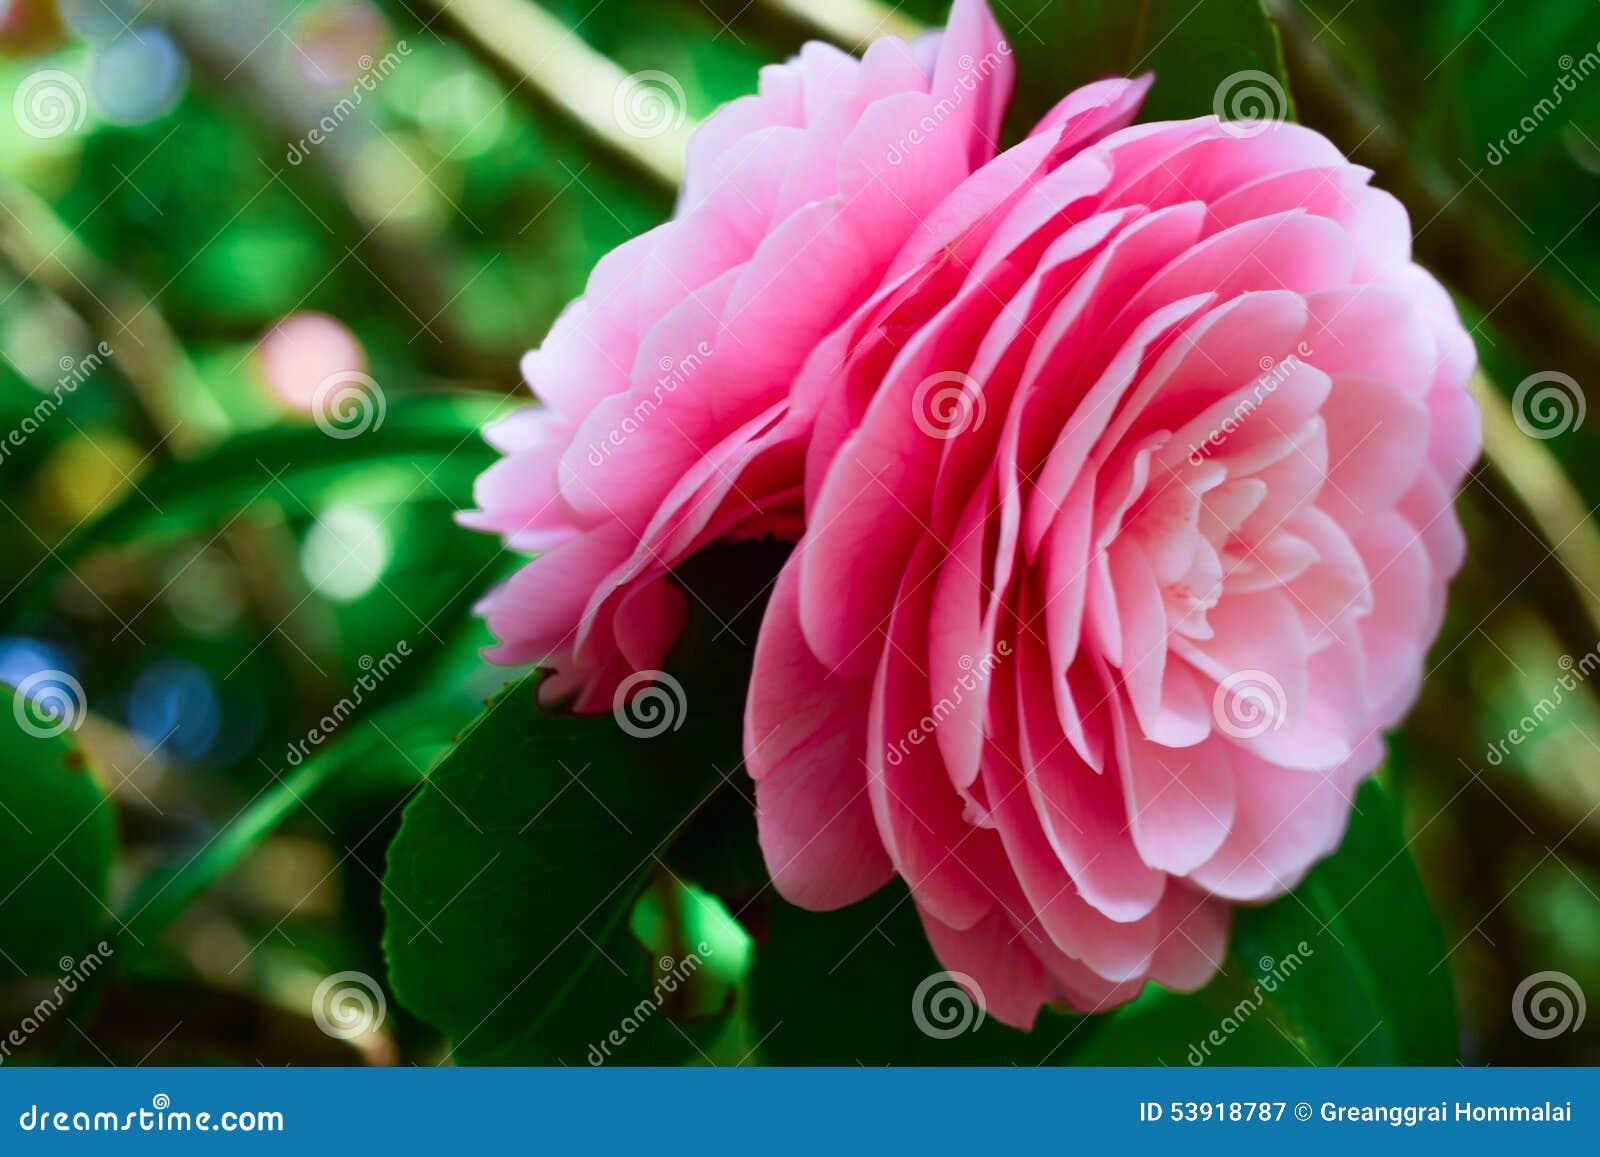 Weeping pink rose tree